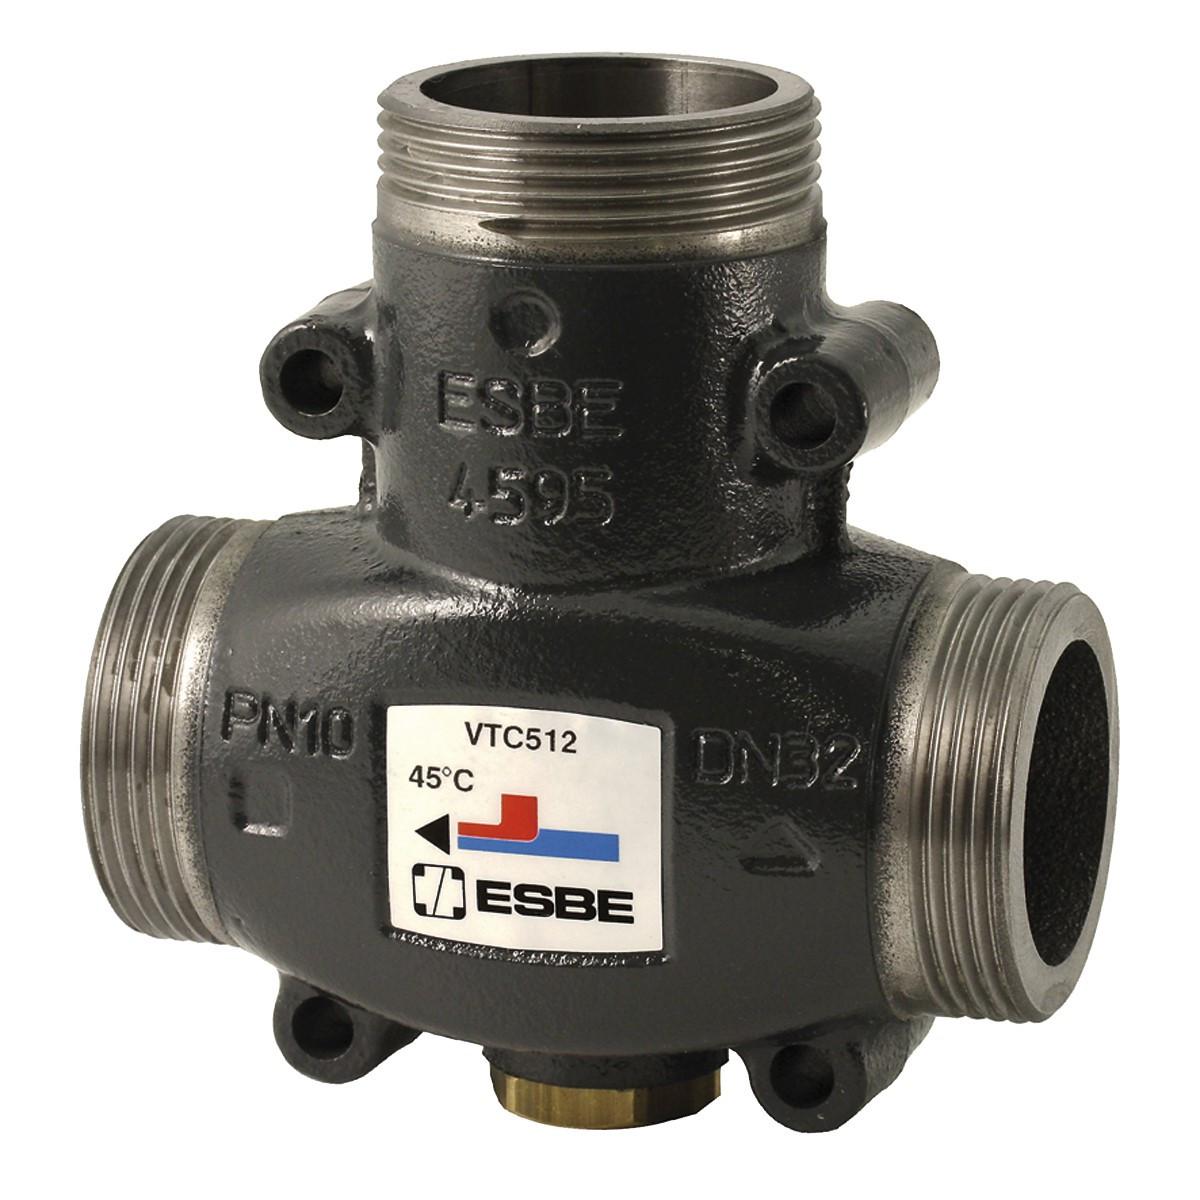 Термостатический смесительный клапан ESBE VTC512 DN25 1 1/4″ 55°С (наруж.)